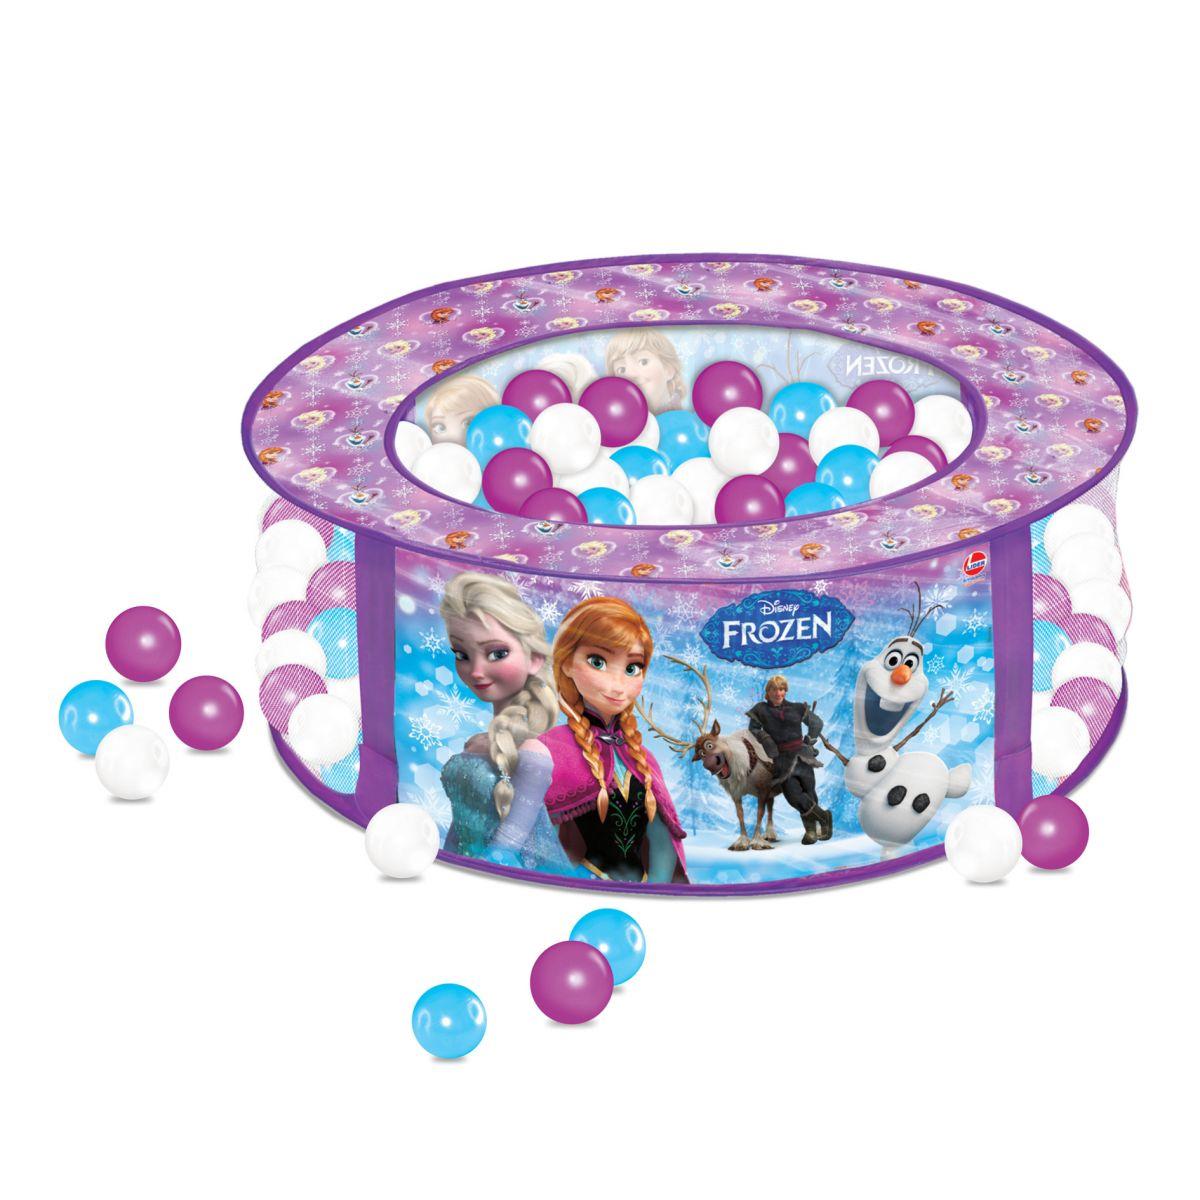 Piscina de Bolinhas Frozen Disney com 100 Bolinhas - Líder